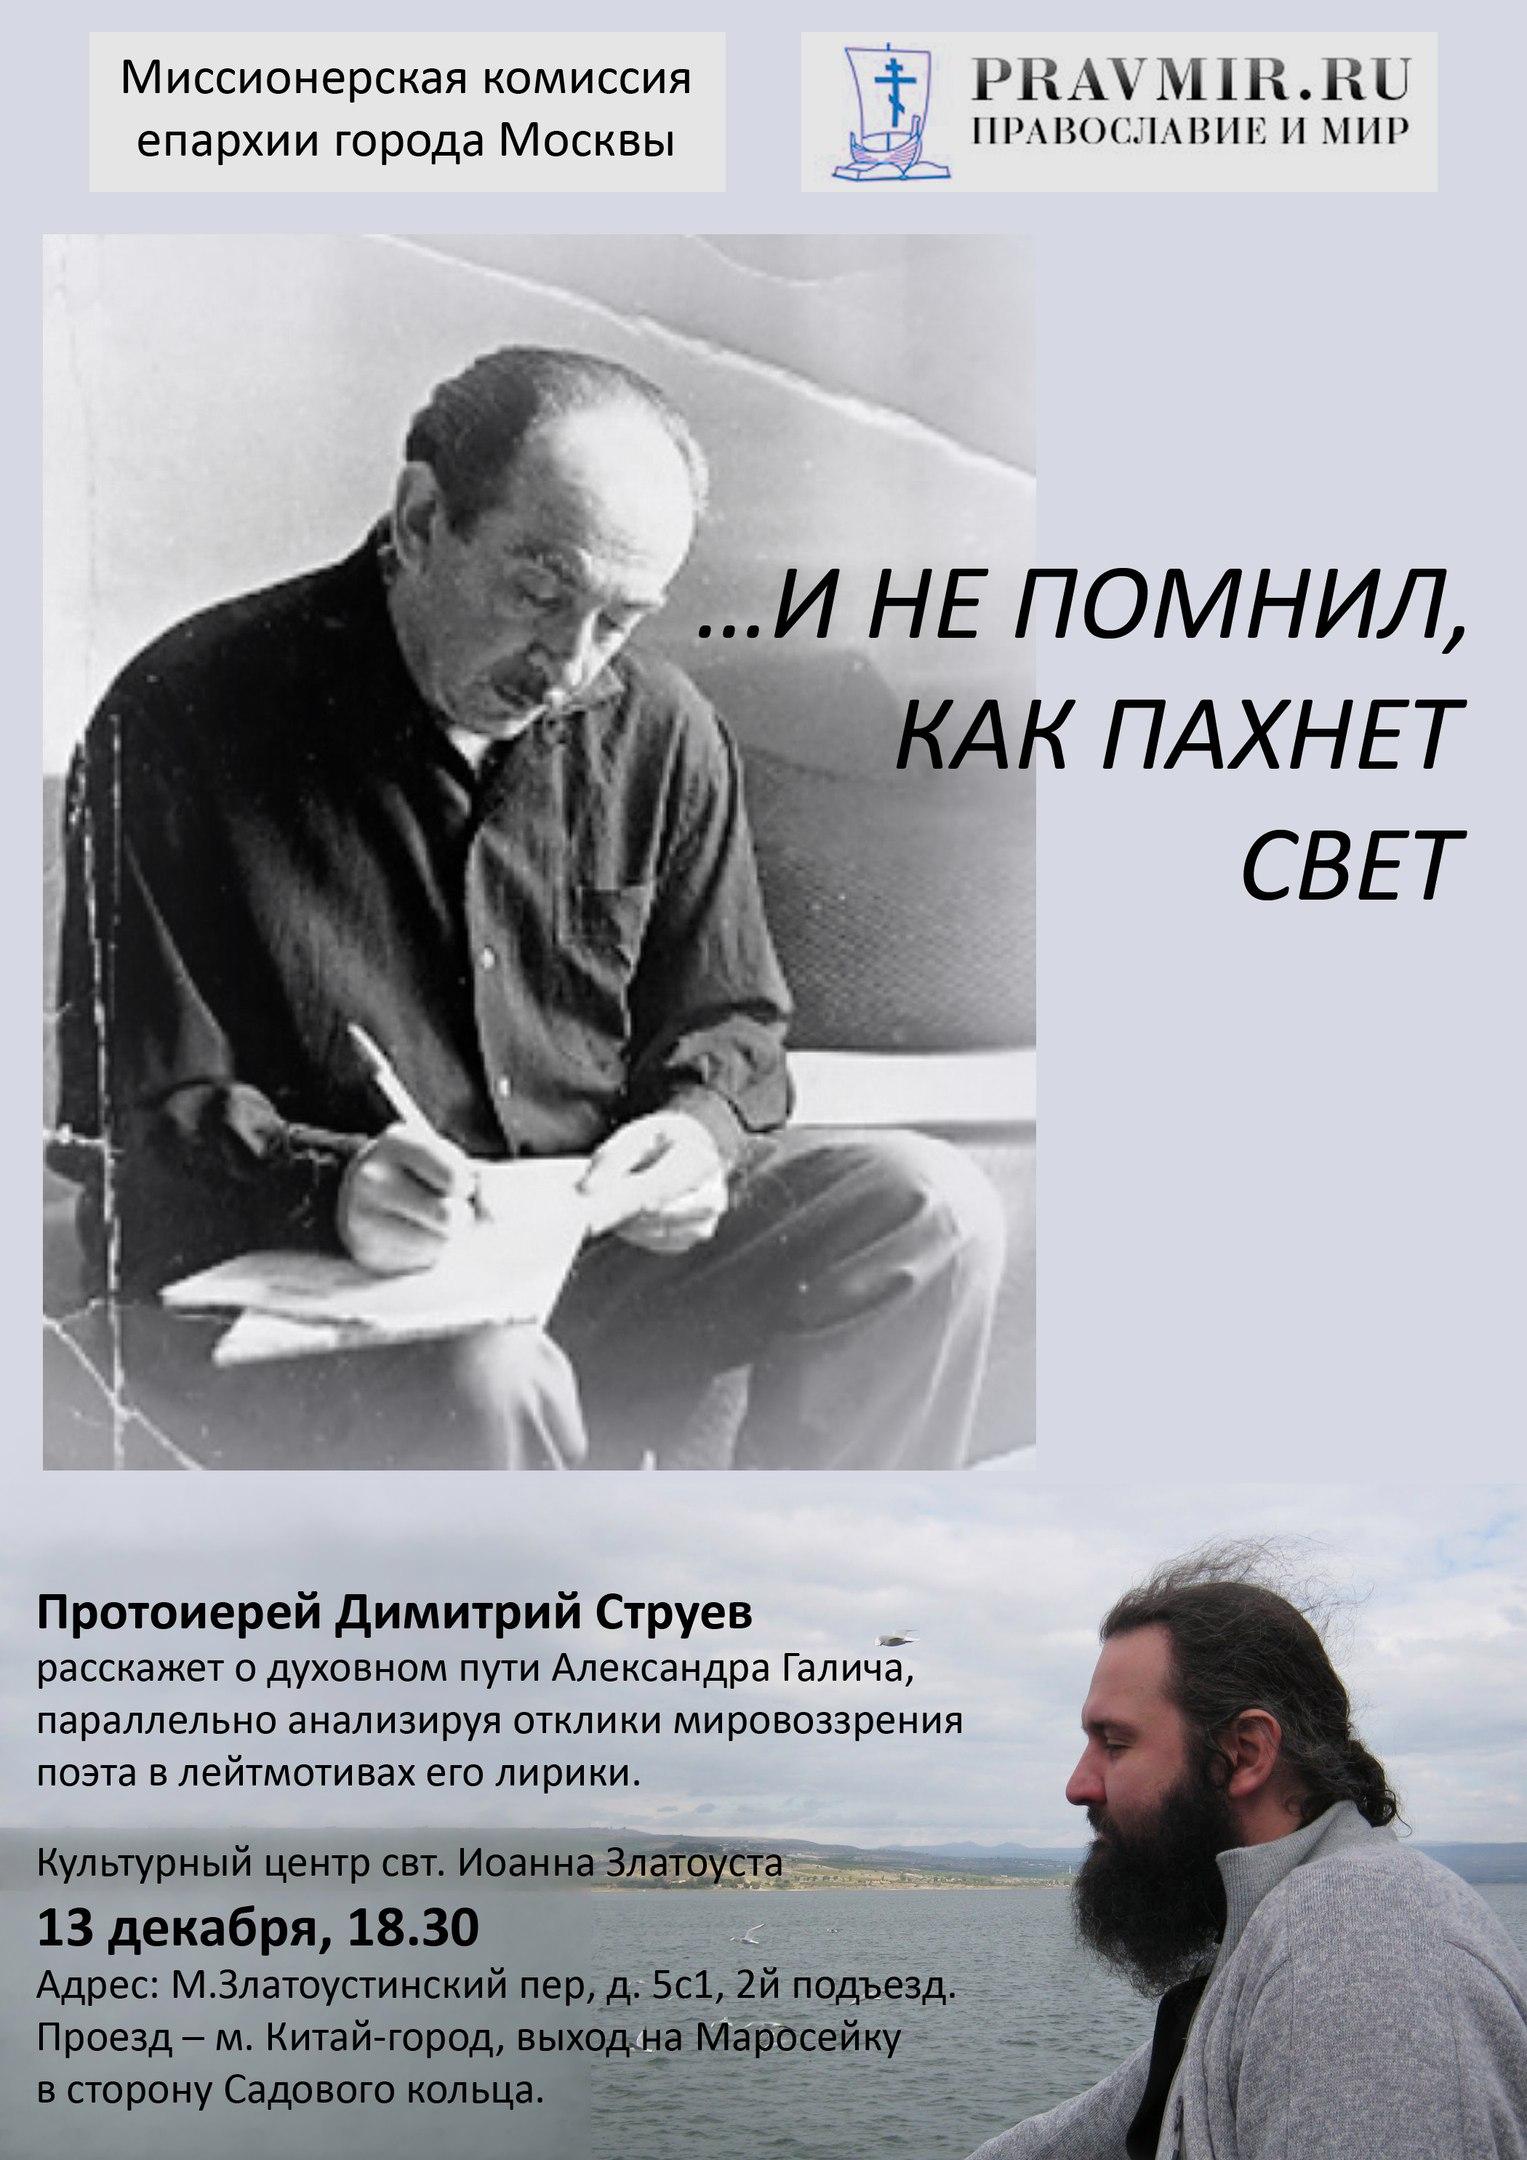 13 декабря 2016 года - встреча с протоиереем Димитрием Струевым